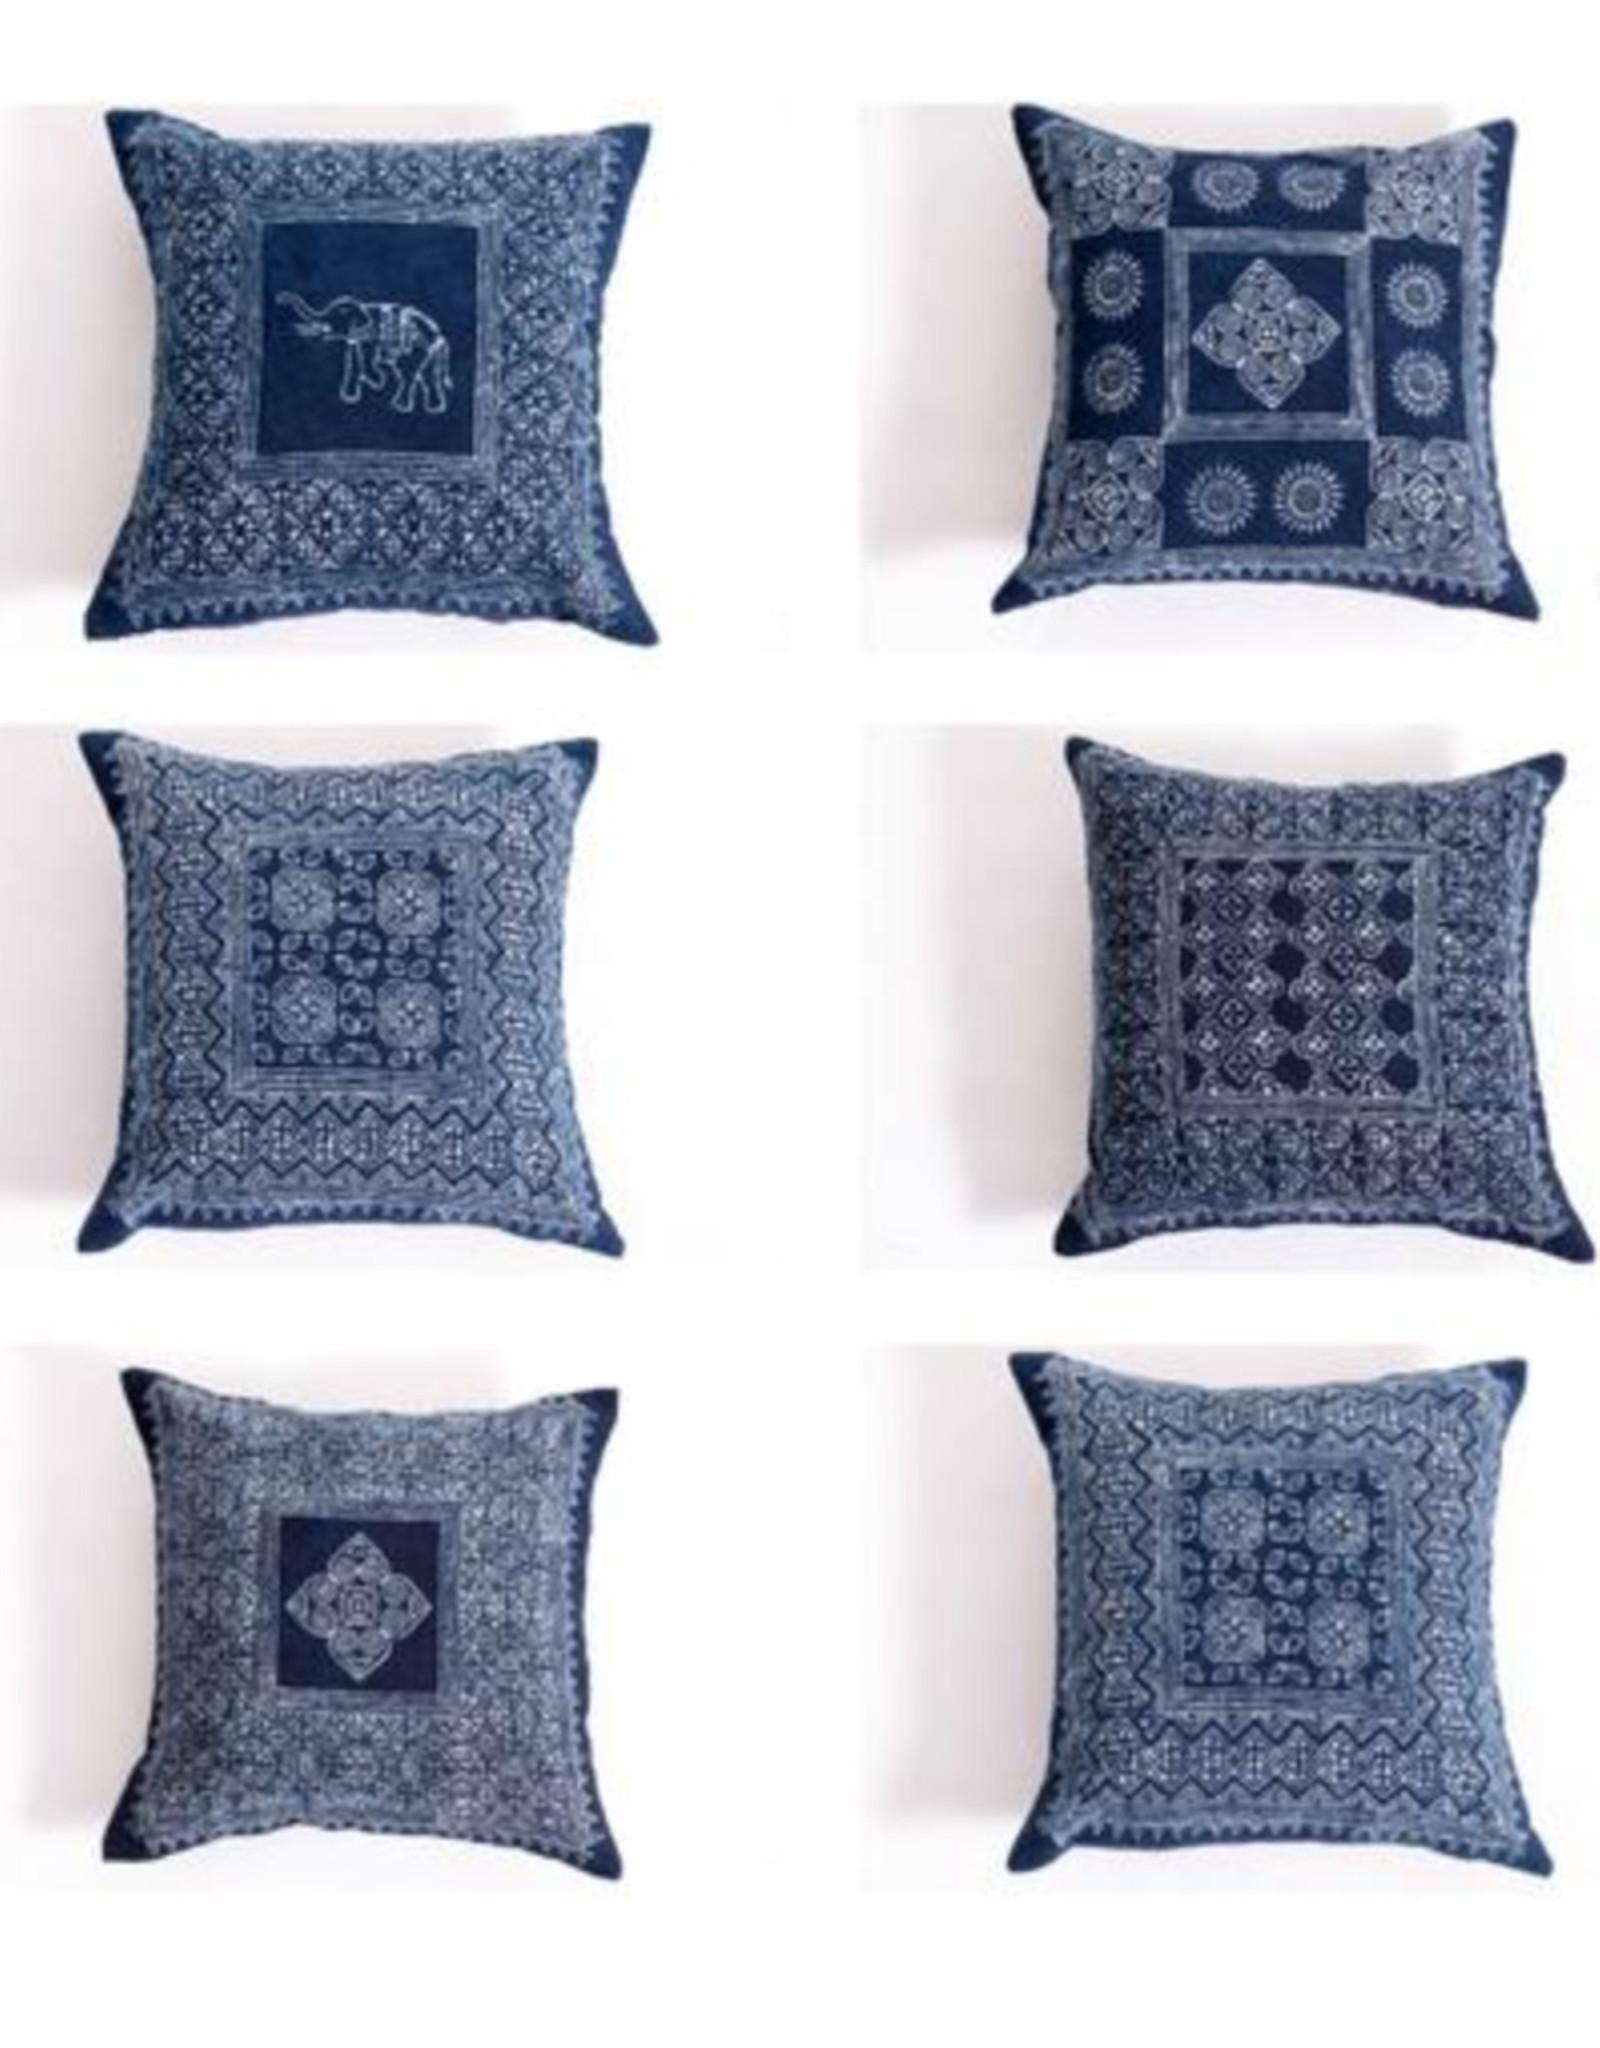 Indigo Block Print Pillow Cover